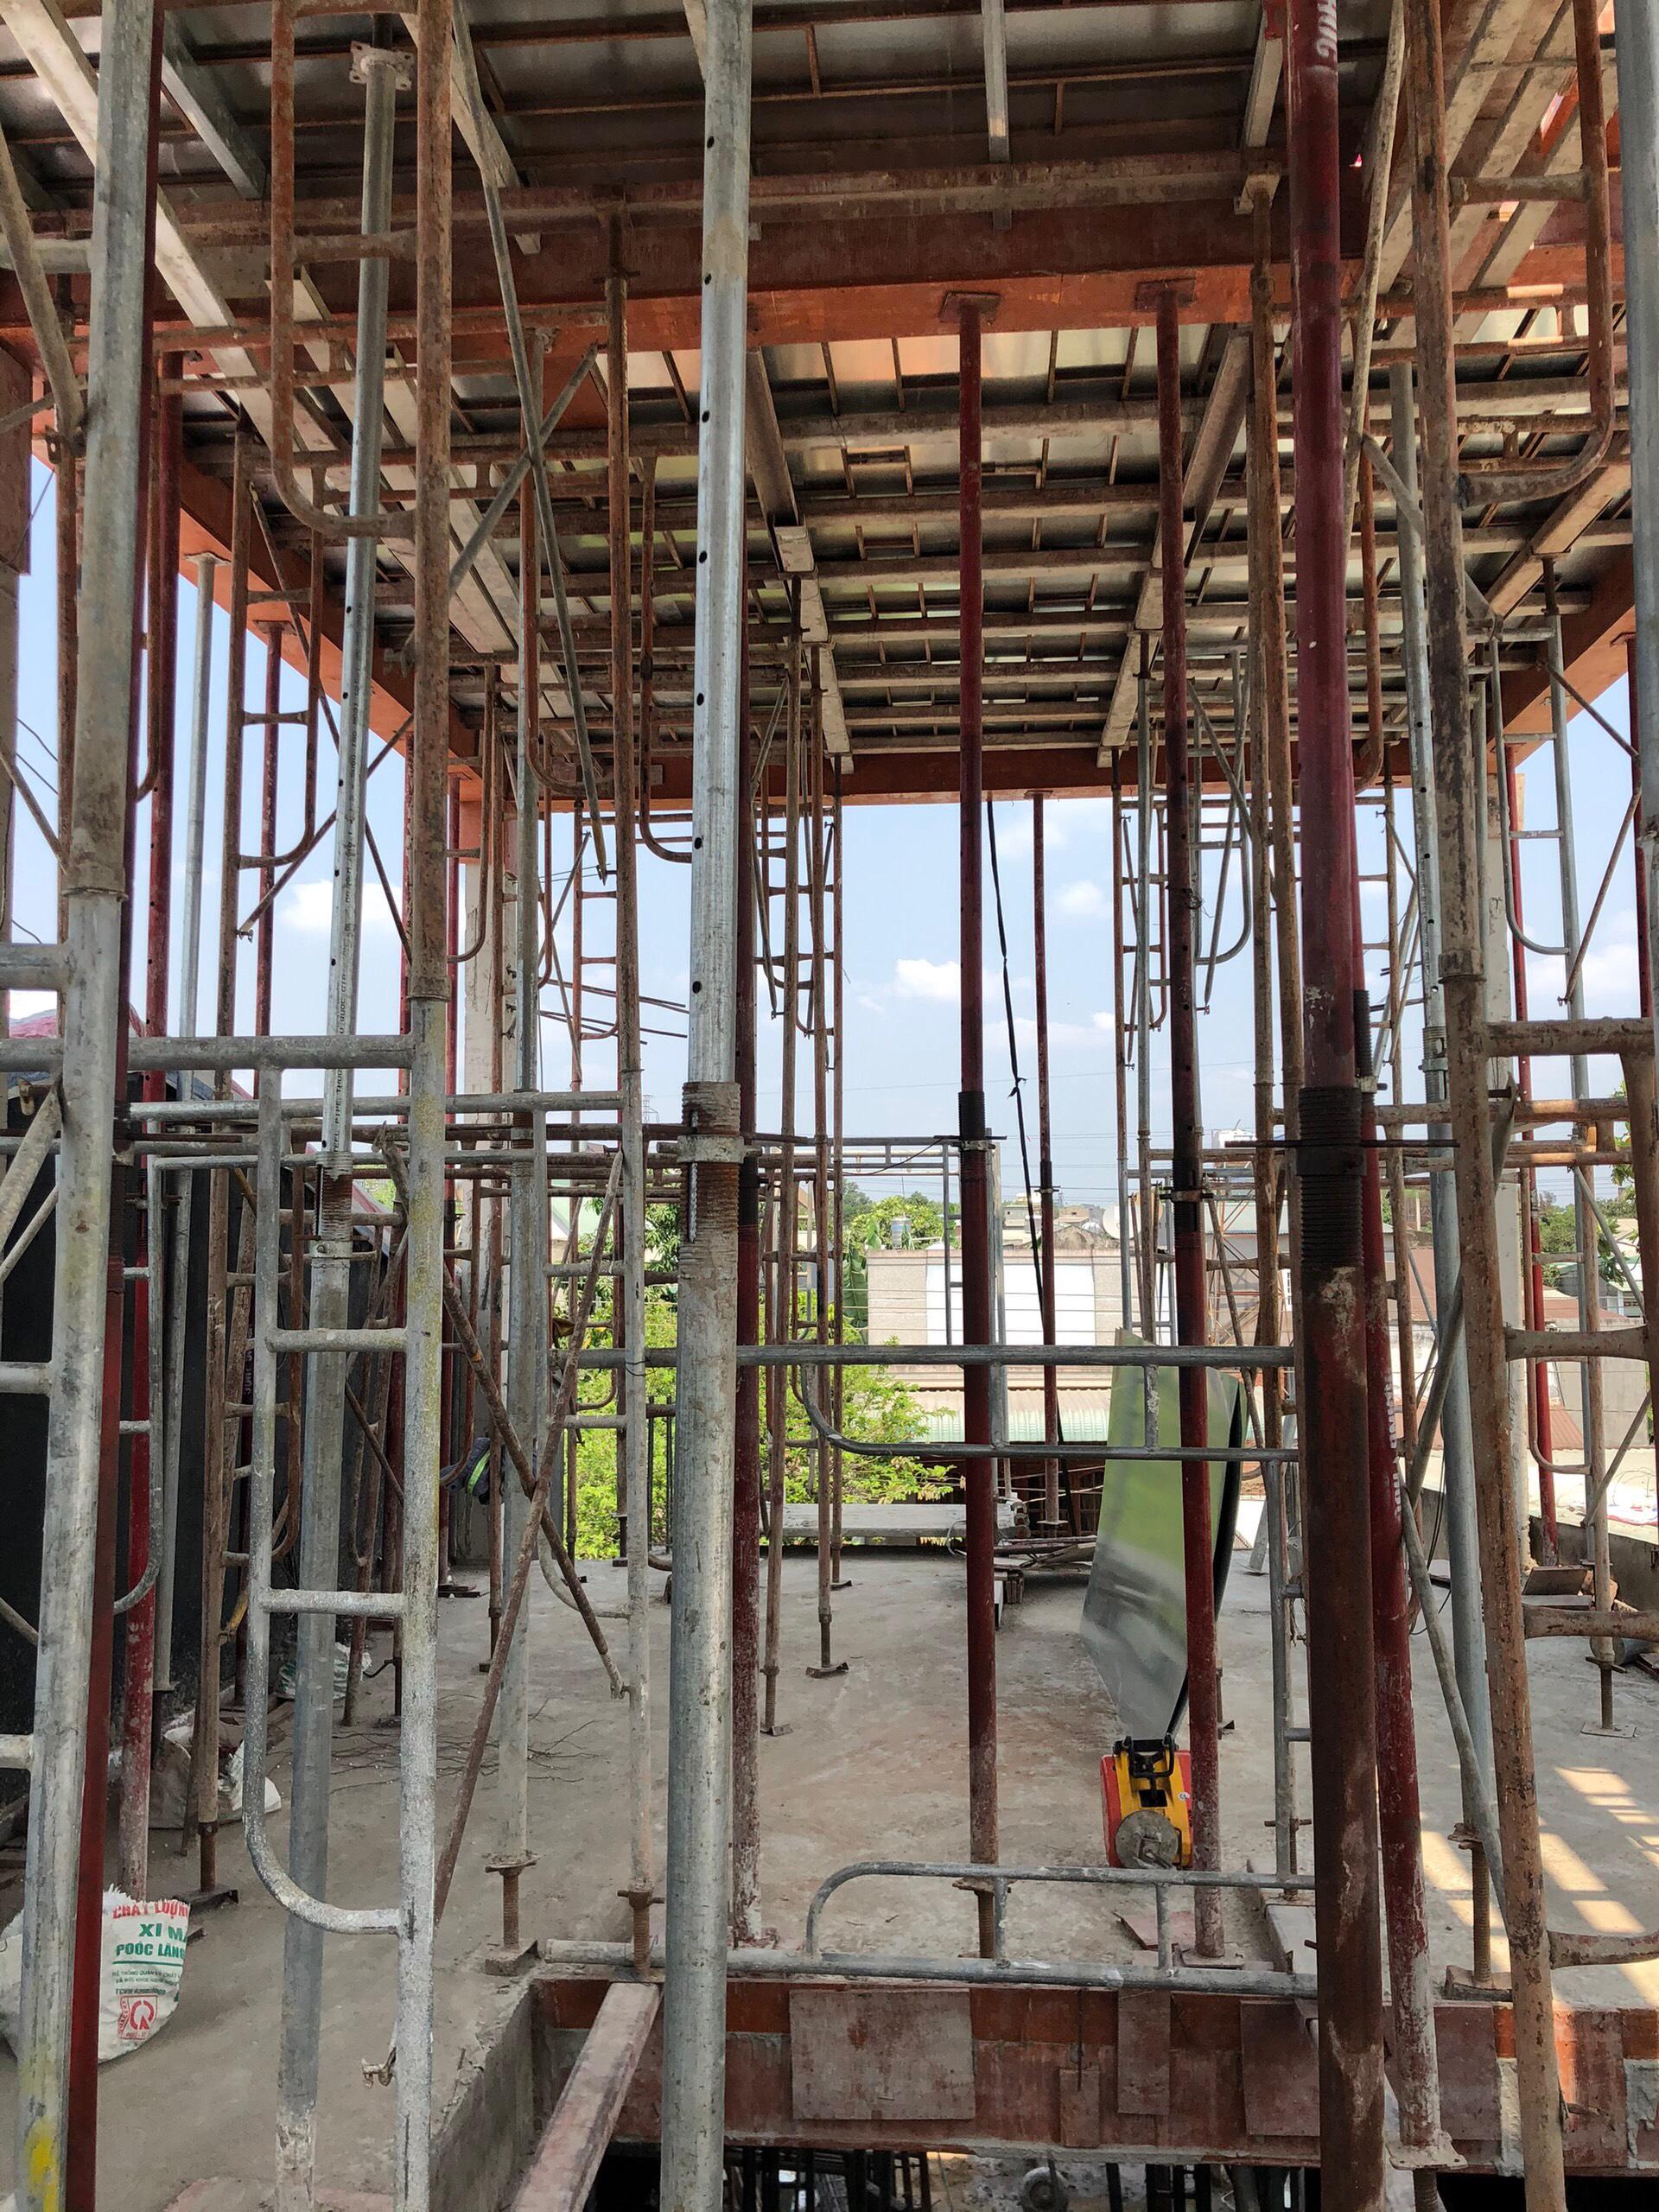 Hình ảnh thi công xây dựng công trình Biên Hòa Đồng Nai 13